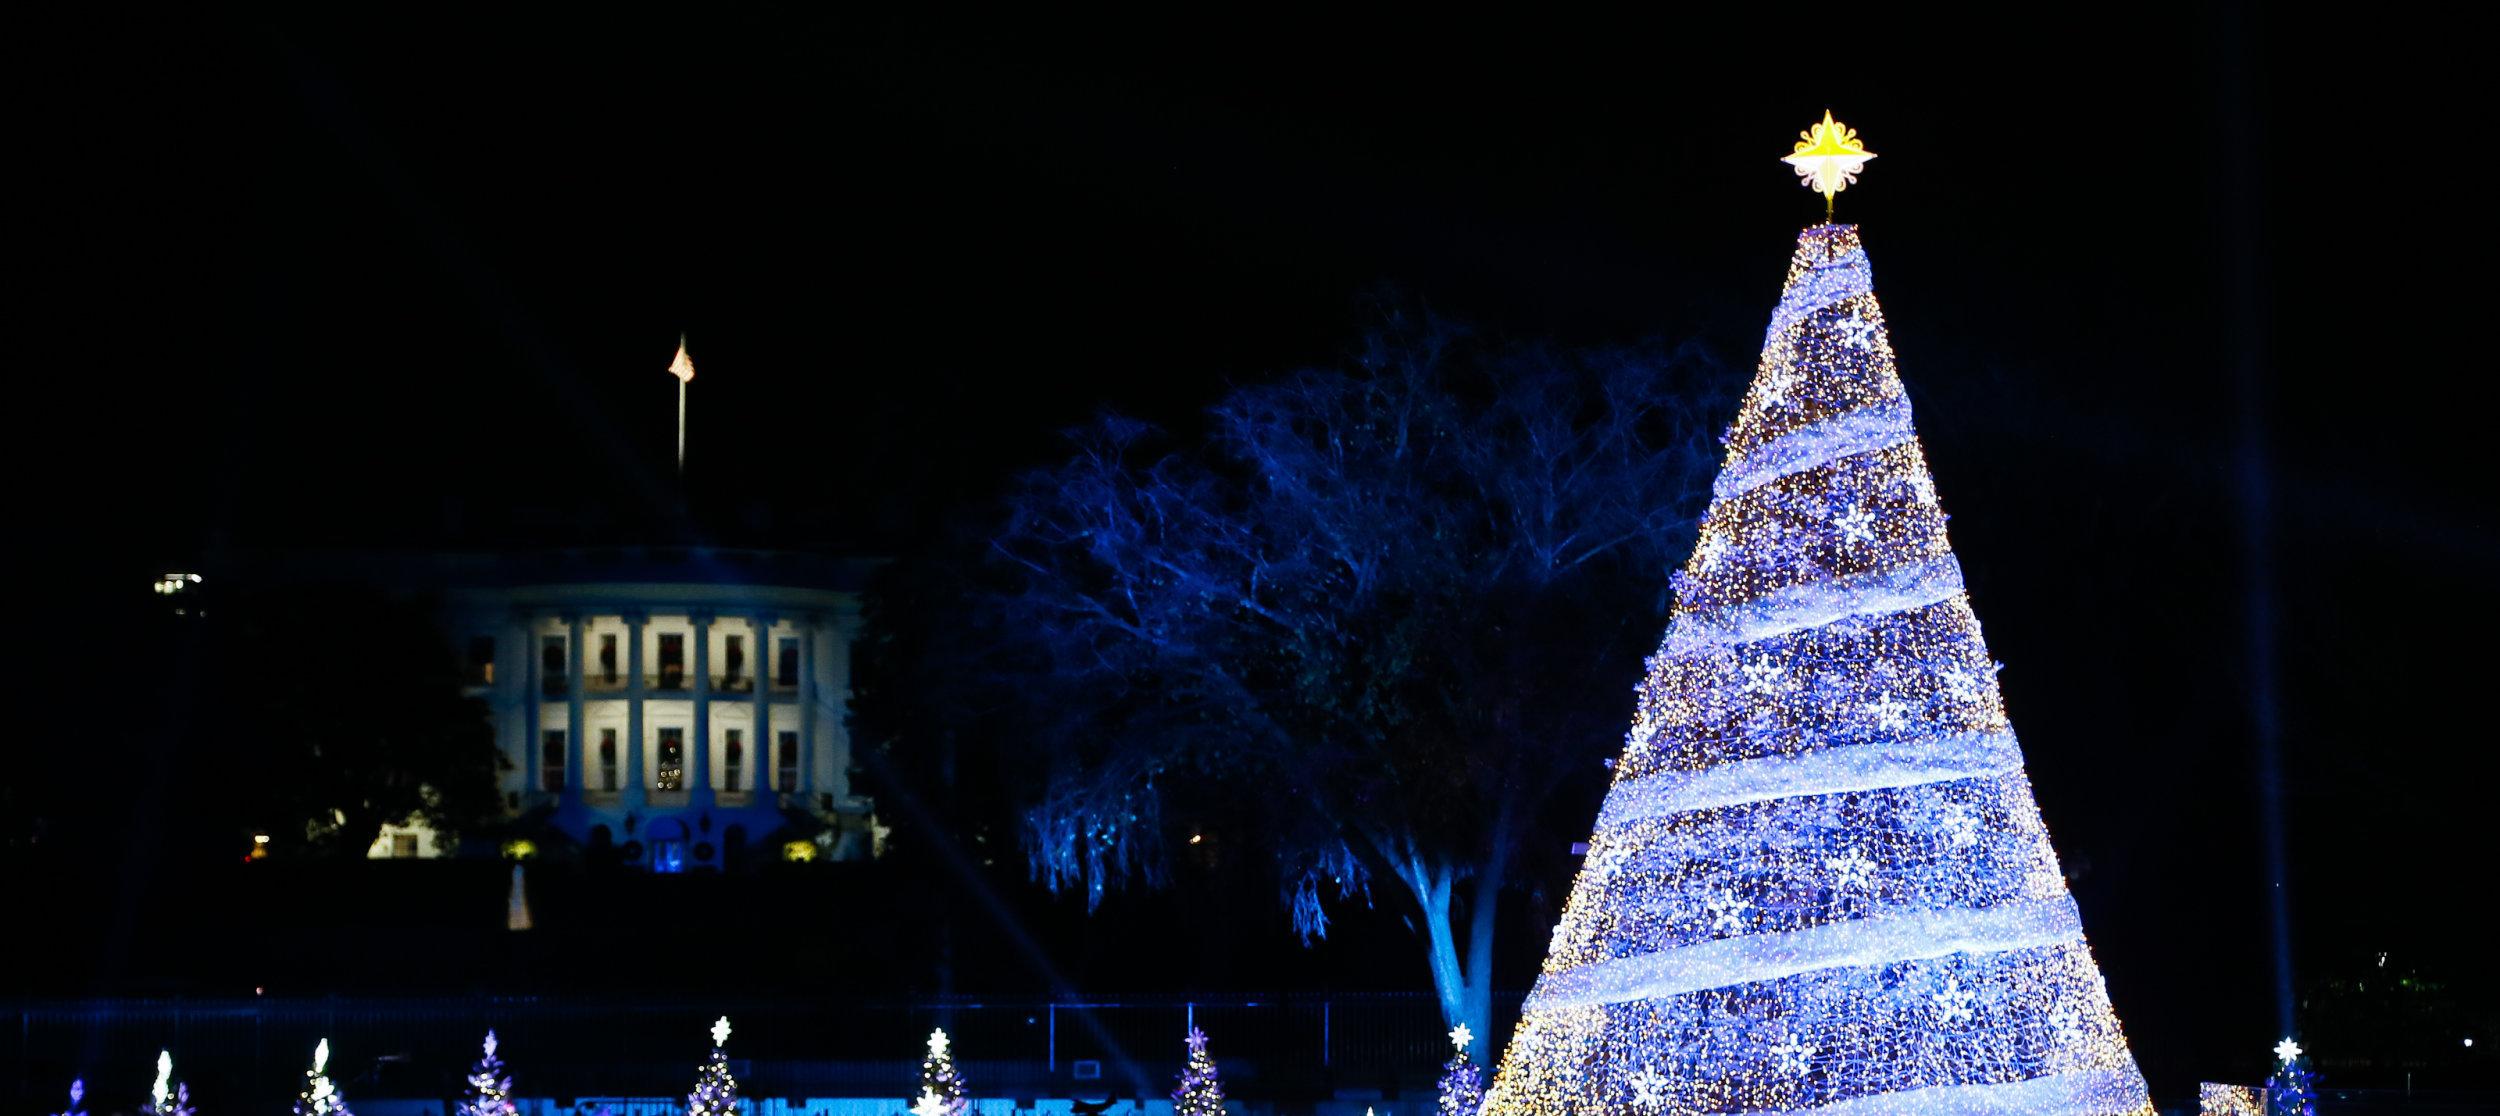 Nationaltree2017 Jpg Ge Holiday Lighting Christmas